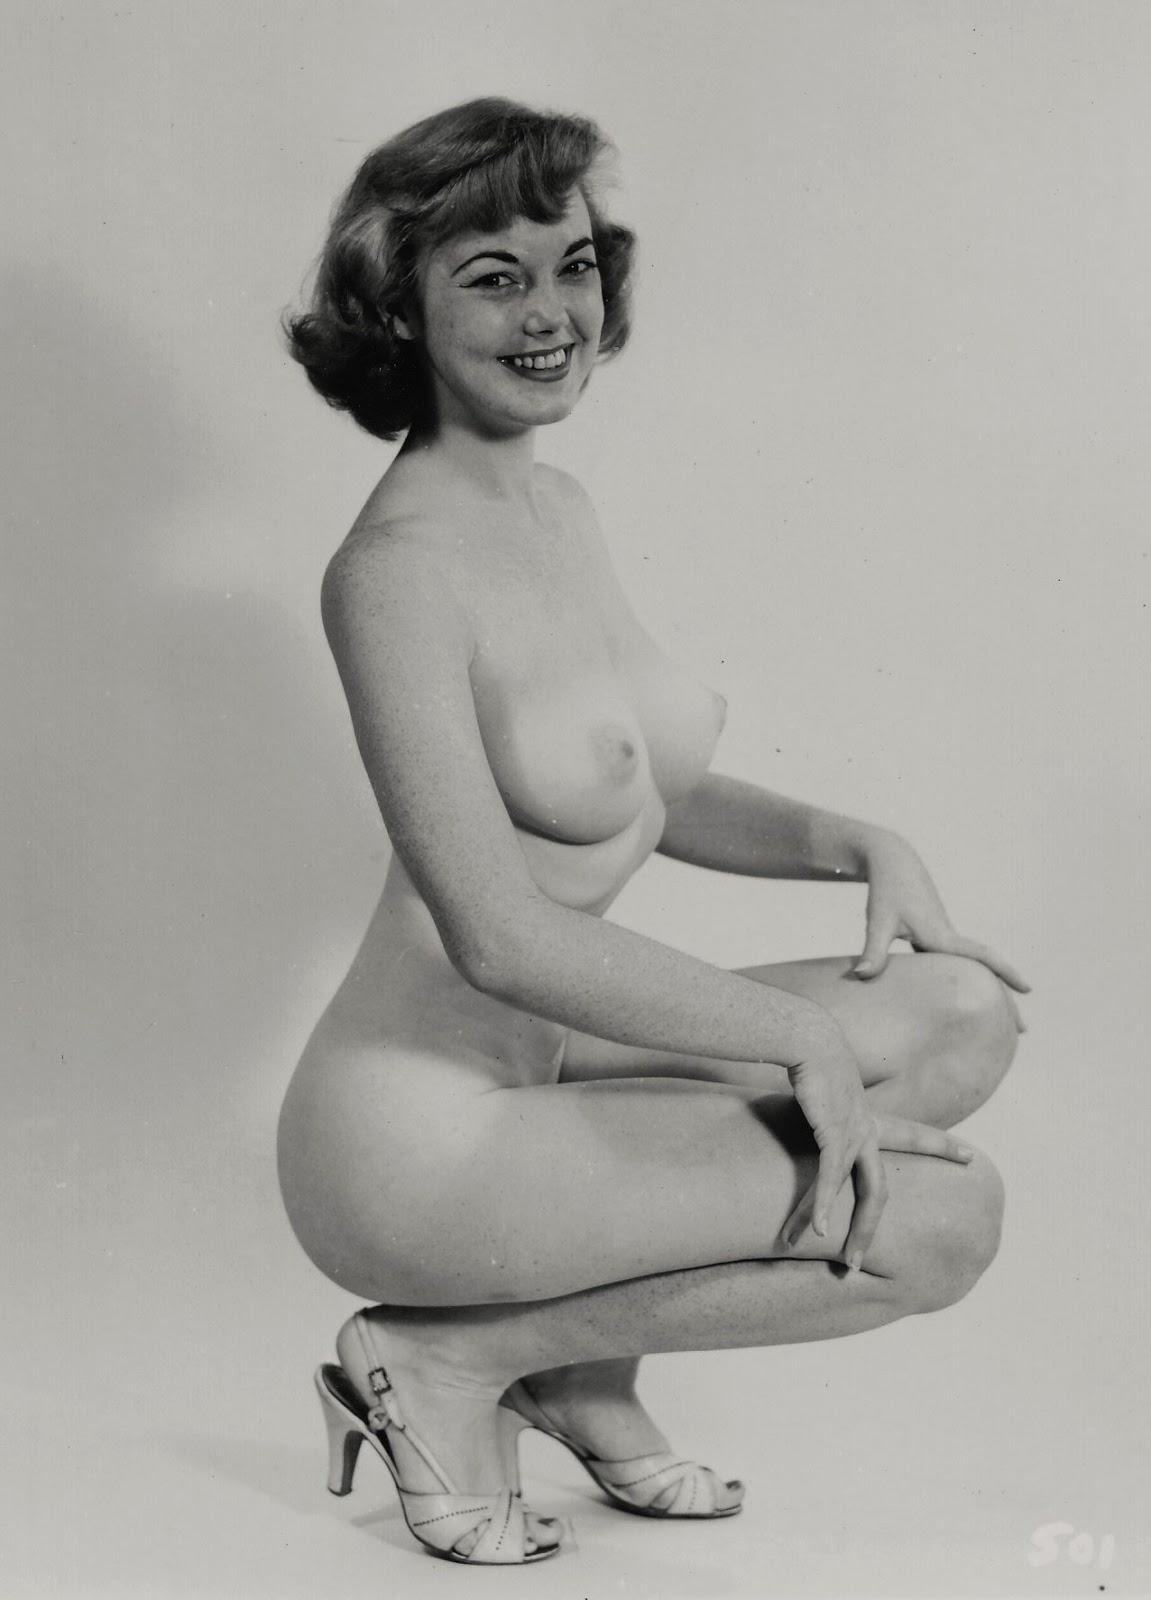 Секс 60 х годов фото 7 фотография